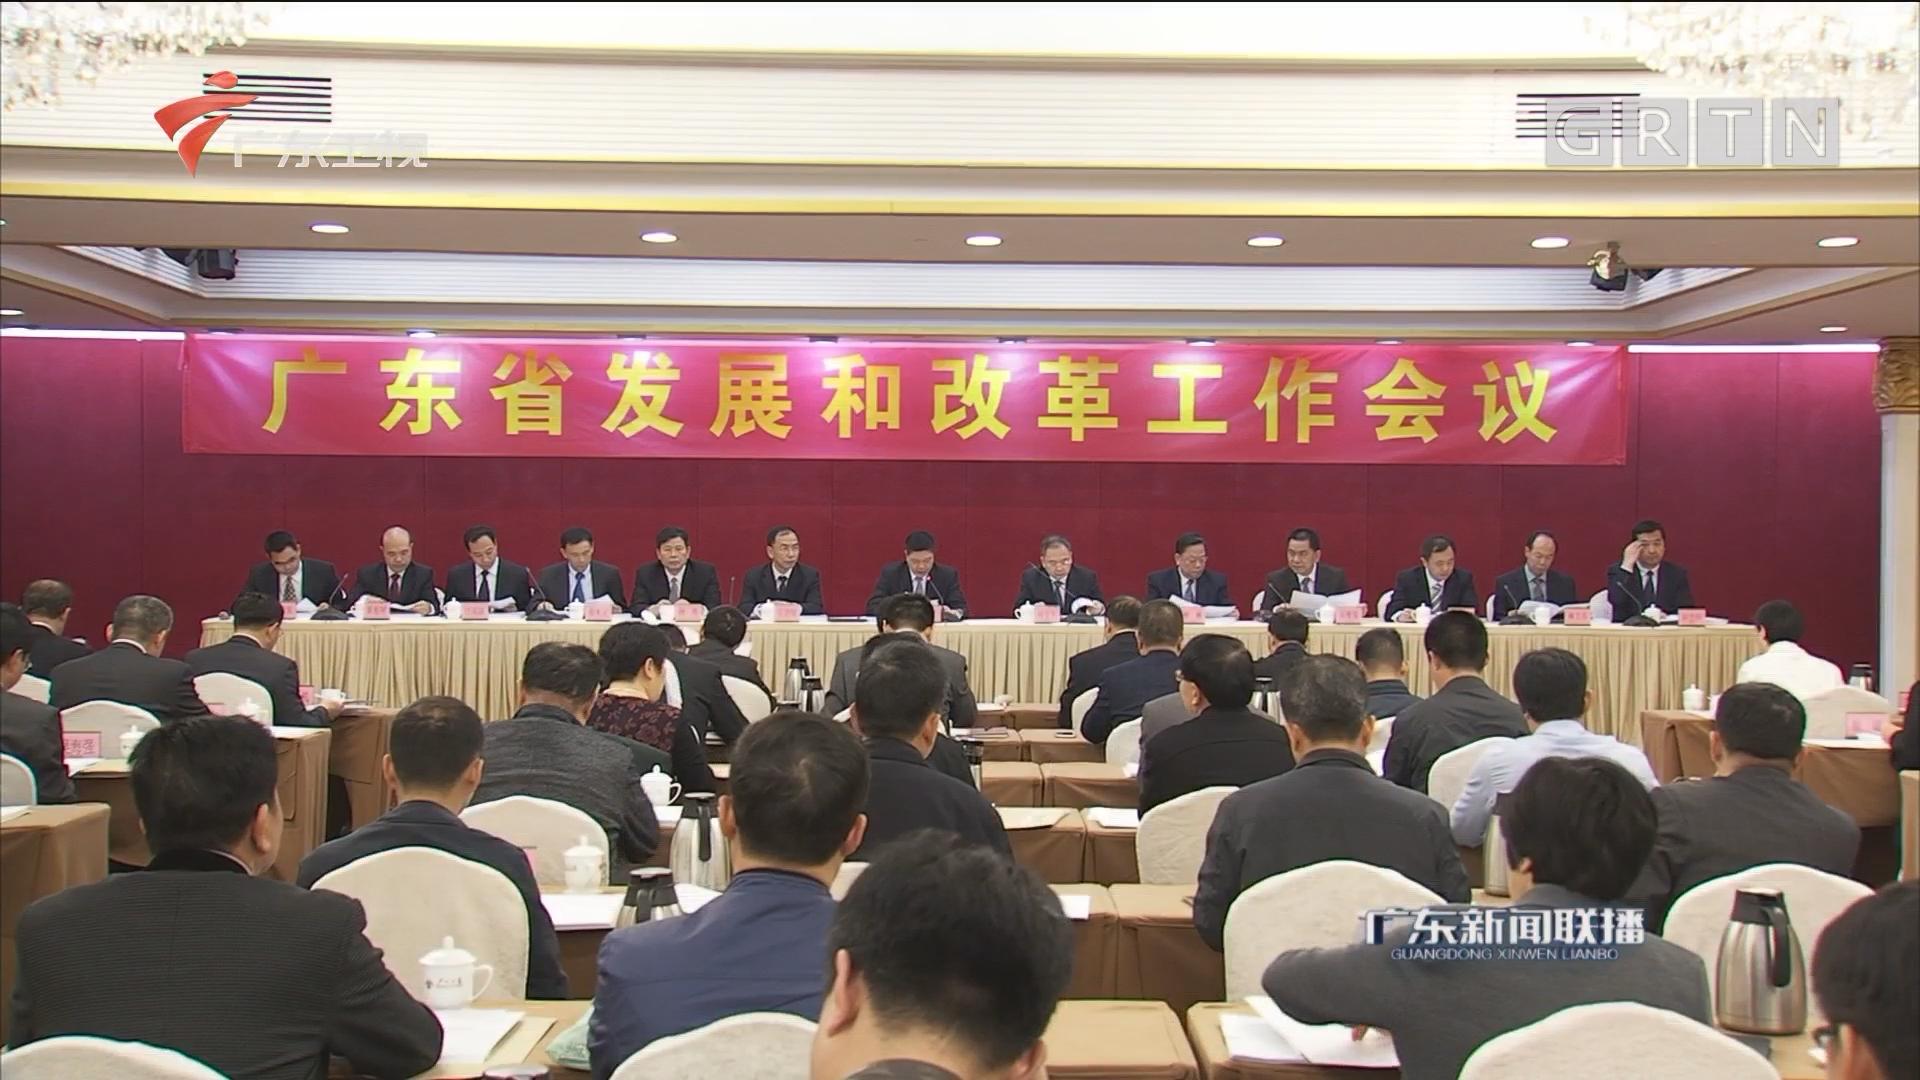 广东:2017年基础设施投资创2010年以来最高增速